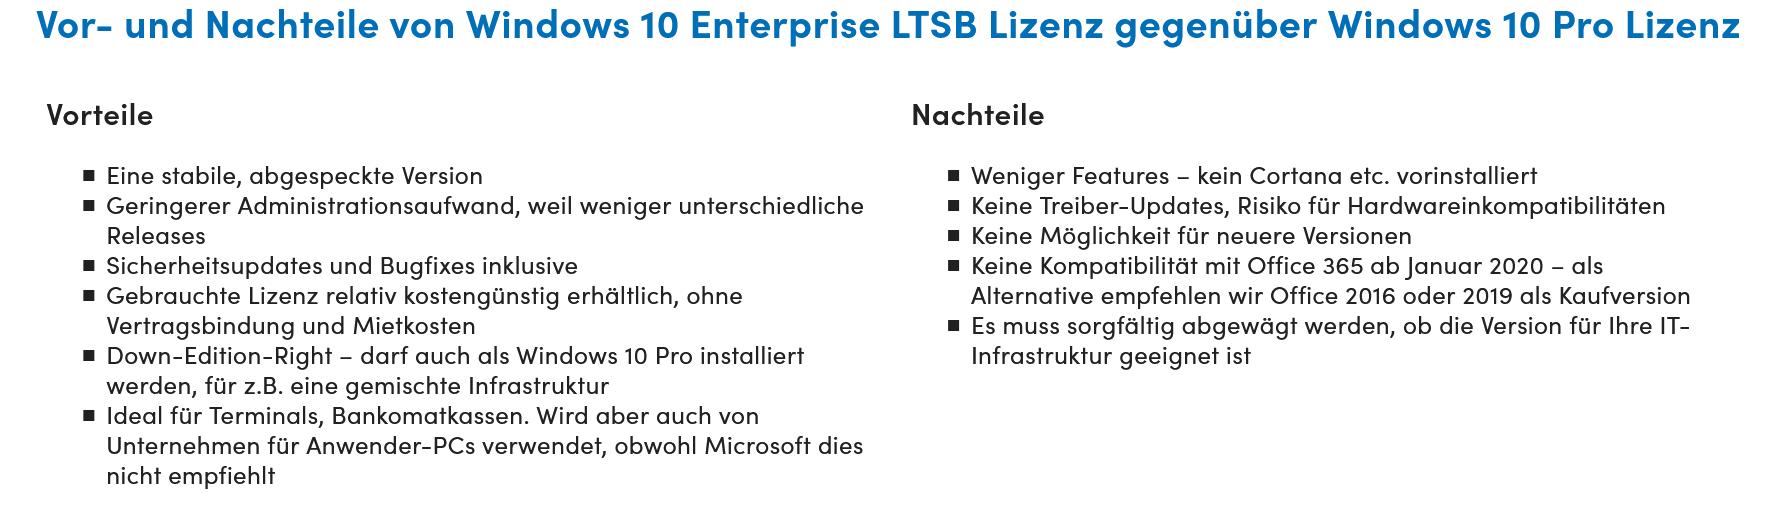 Screenshot_2021-04-24 Windows 10 Enterprise LTSB Lizenz gebrauch kaufen - Software ReUse.png